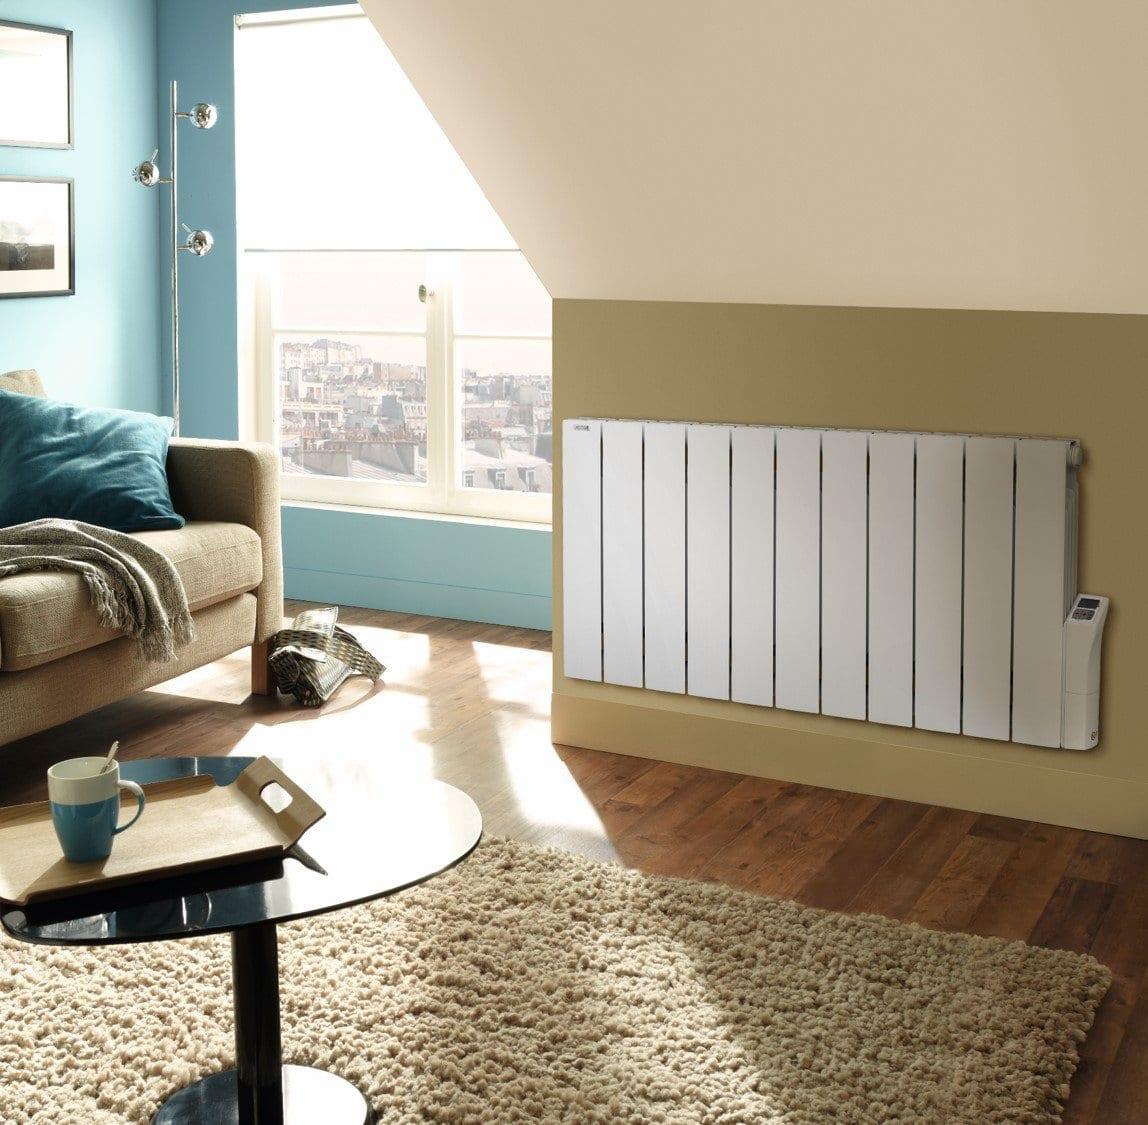 que vaut le radiateur acova comparatif et avis zone led. Black Bedroom Furniture Sets. Home Design Ideas